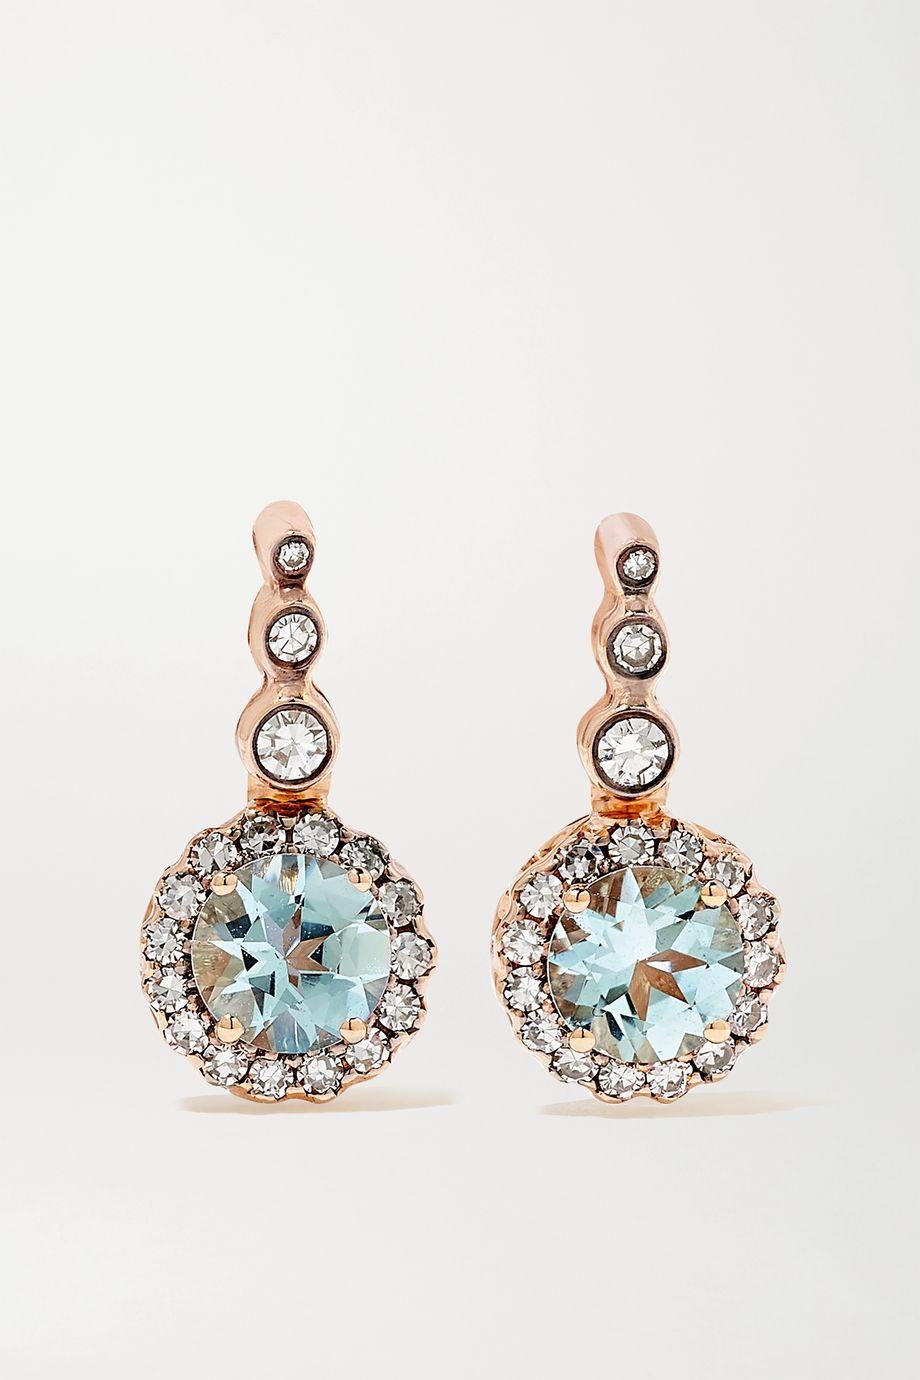 Selim Mouzannar Beirut Basic Ohrringe aus 18 Karat Roségold mit Aquamarinen und Diamanten